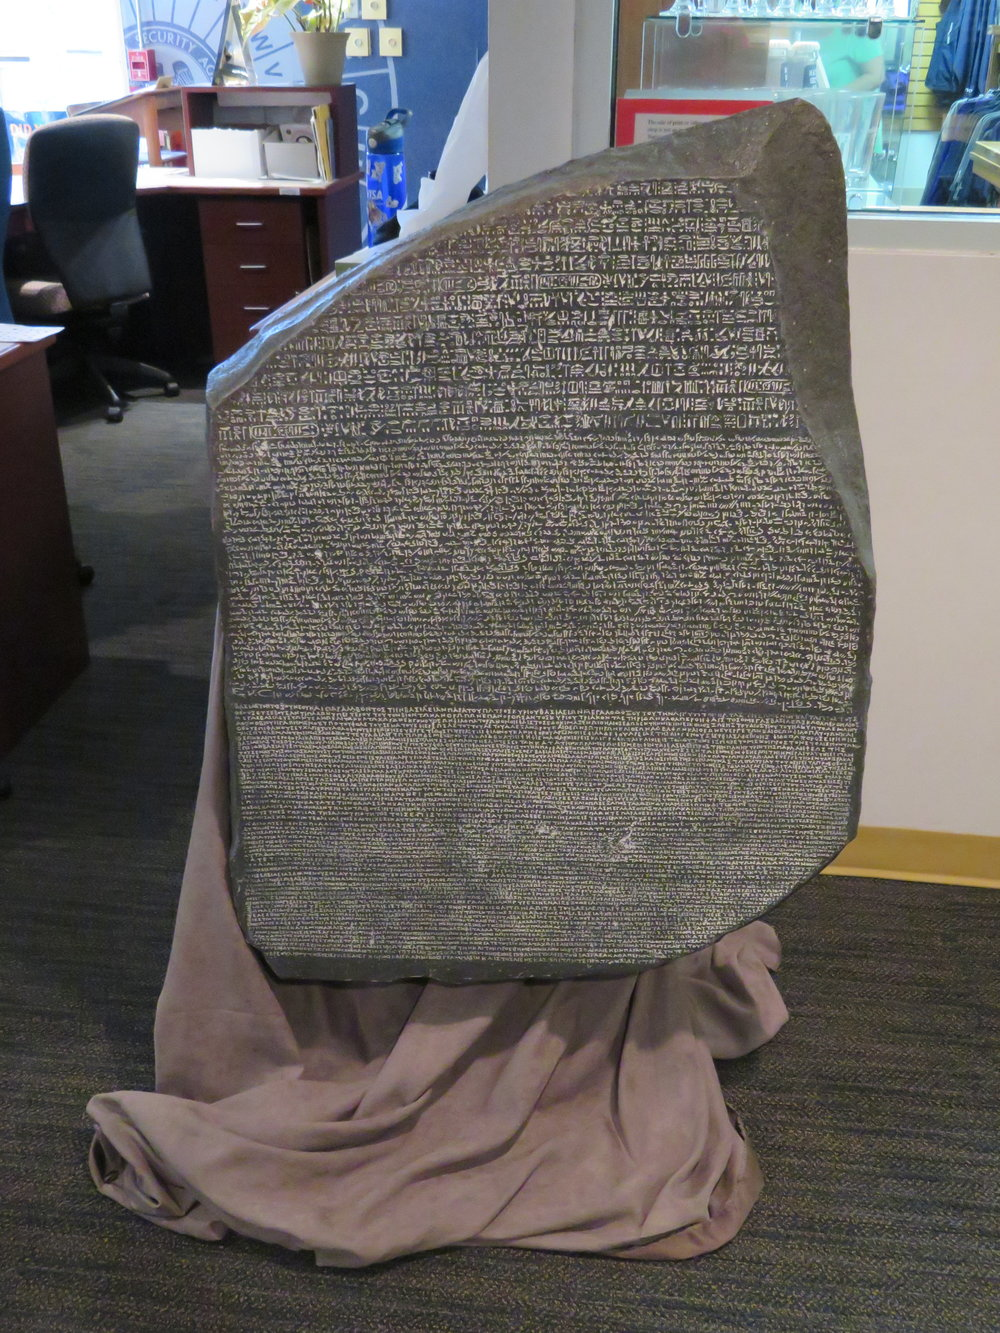 Replica Rosetta Stone